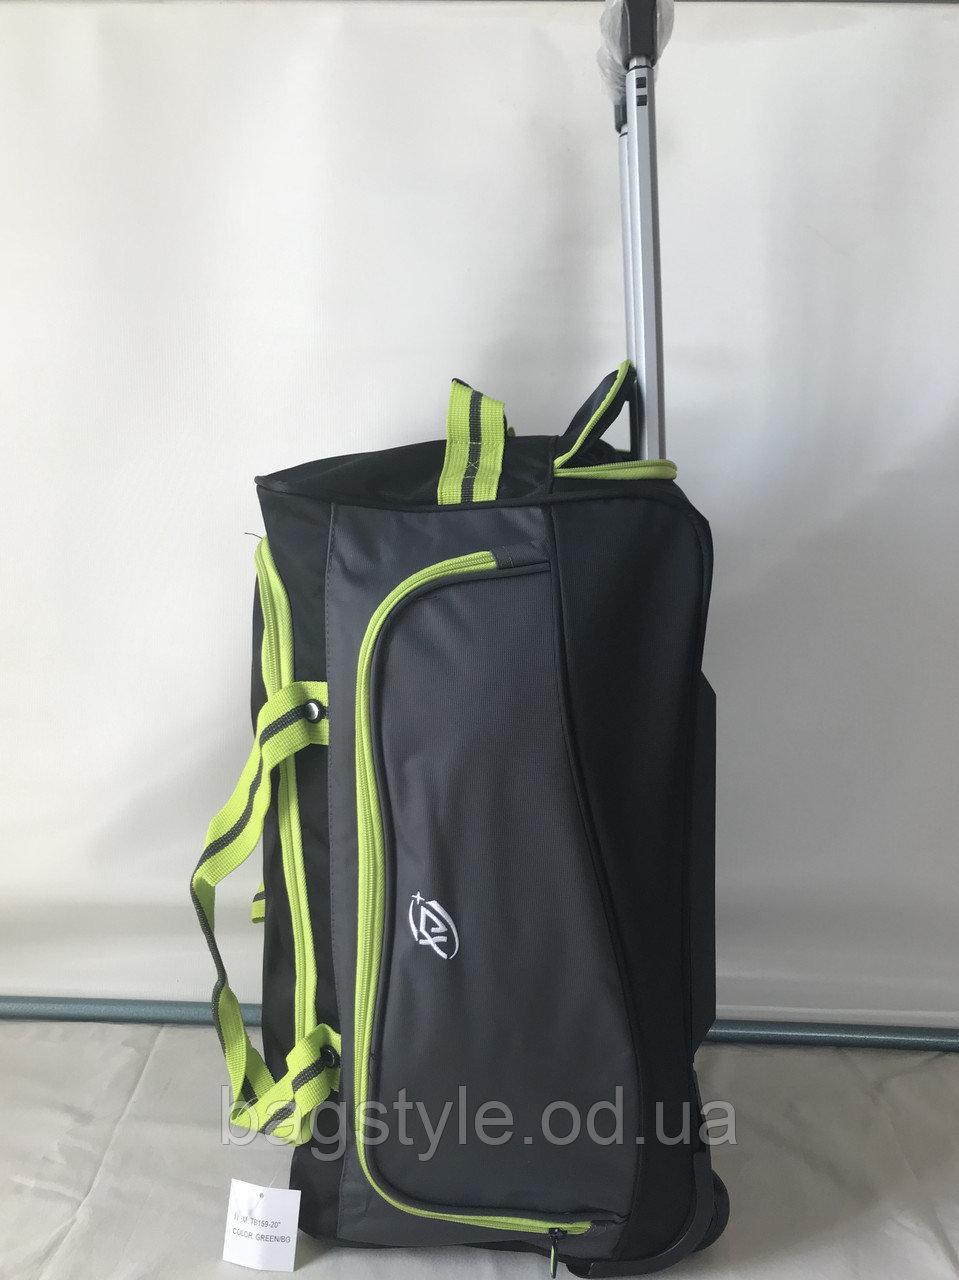 Дорожня сумка на колесах маленька для ручної поклажі з висувною ручкою